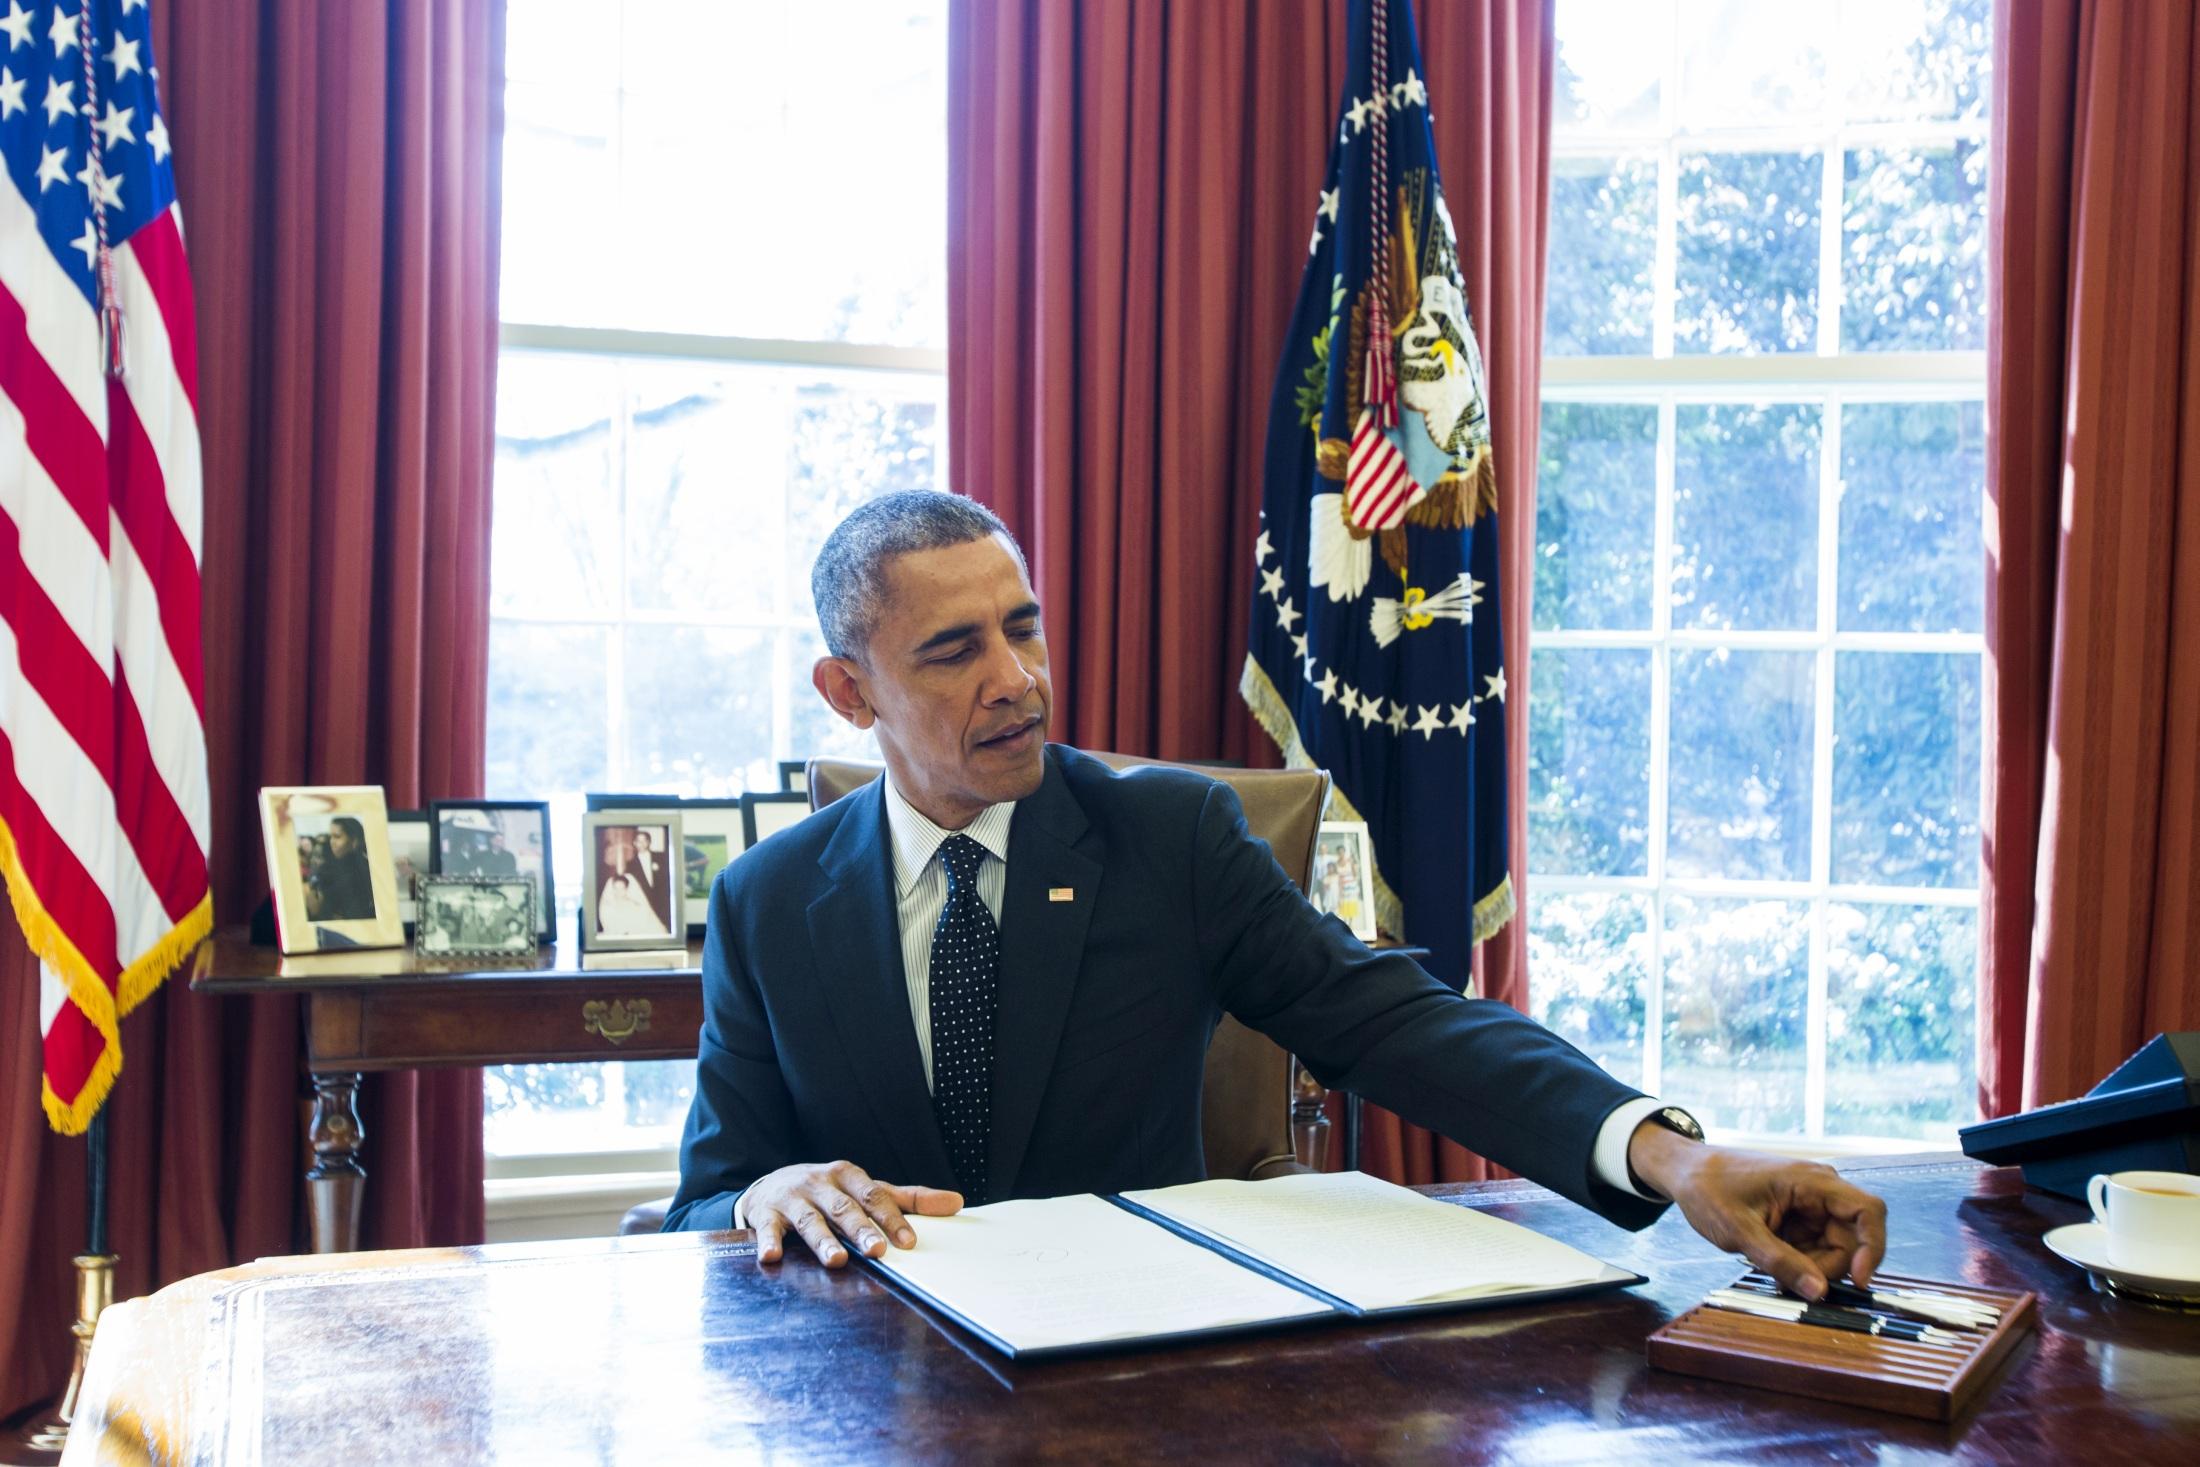 Barack Obama apăsa butonul roşu pentru un lucru neobişnuit